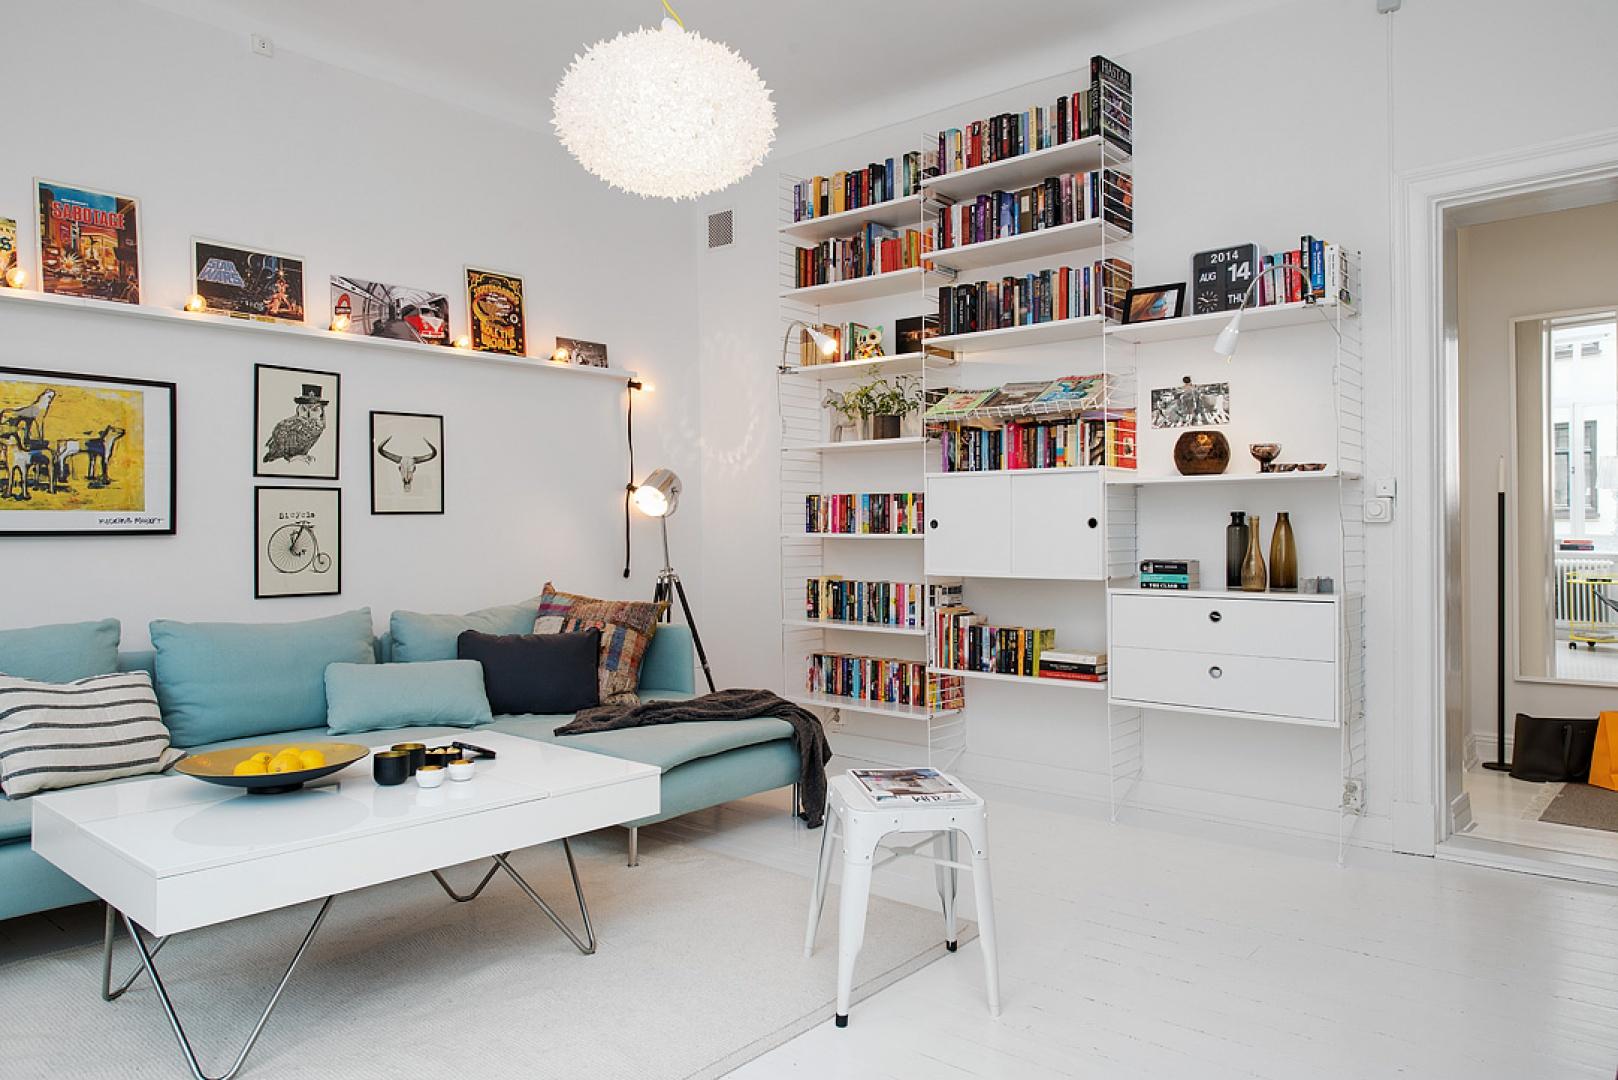 Błękitna sofa w połączeniu z jasnymi meblami i kolorami ścian tworzy typowo skandynawskie wnętrze. Fot. Alvhem Mäkleri.